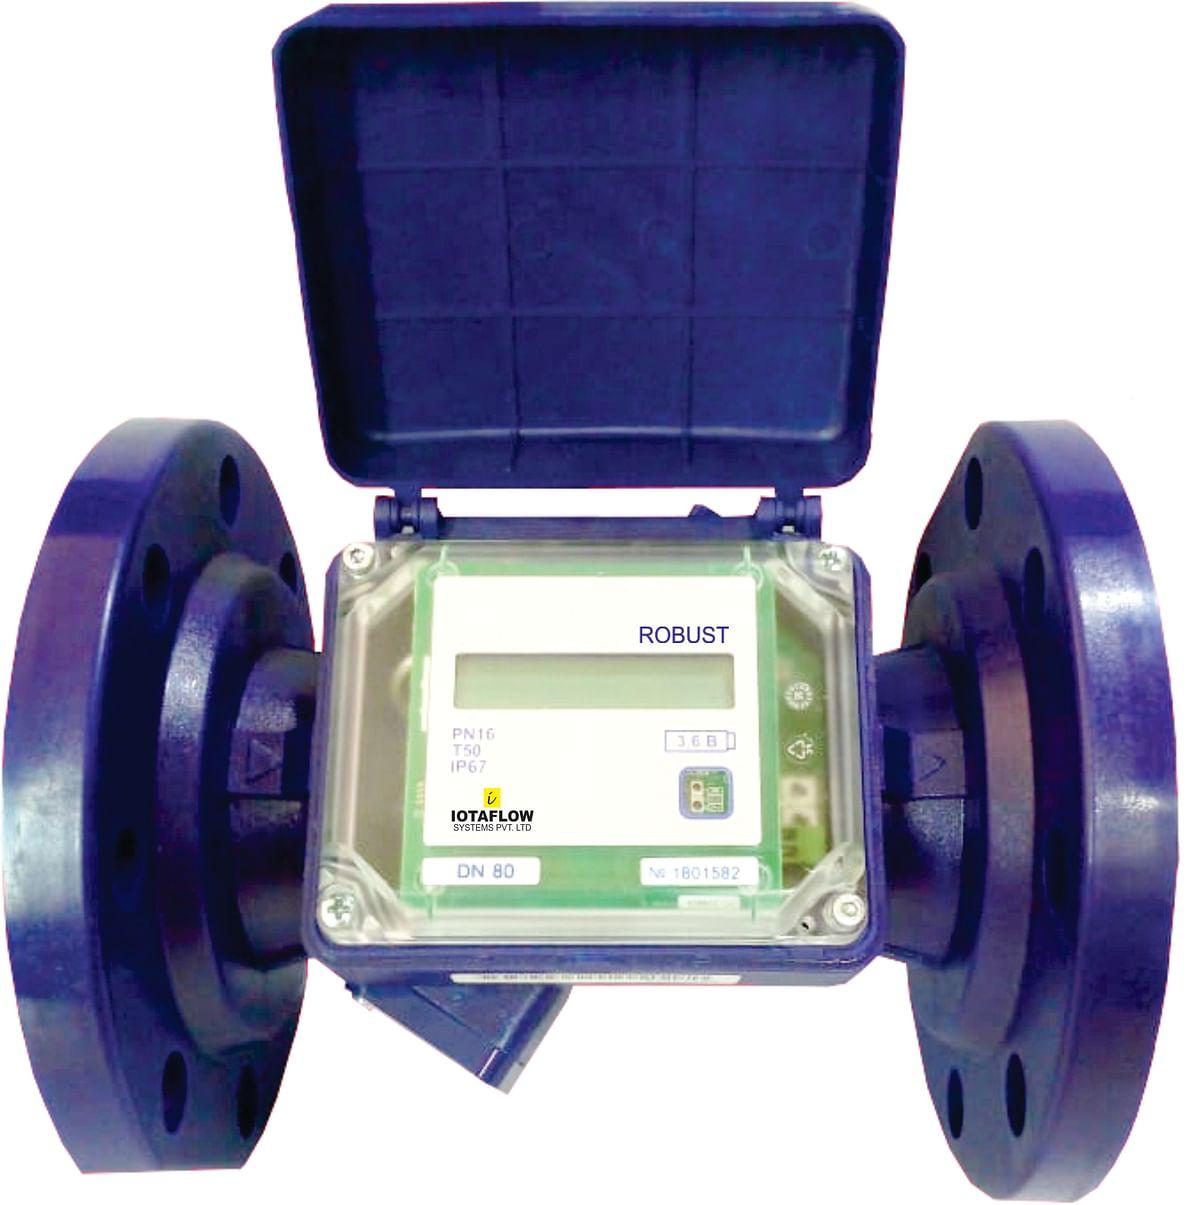 ROBUST Ultrasonic Water Meter